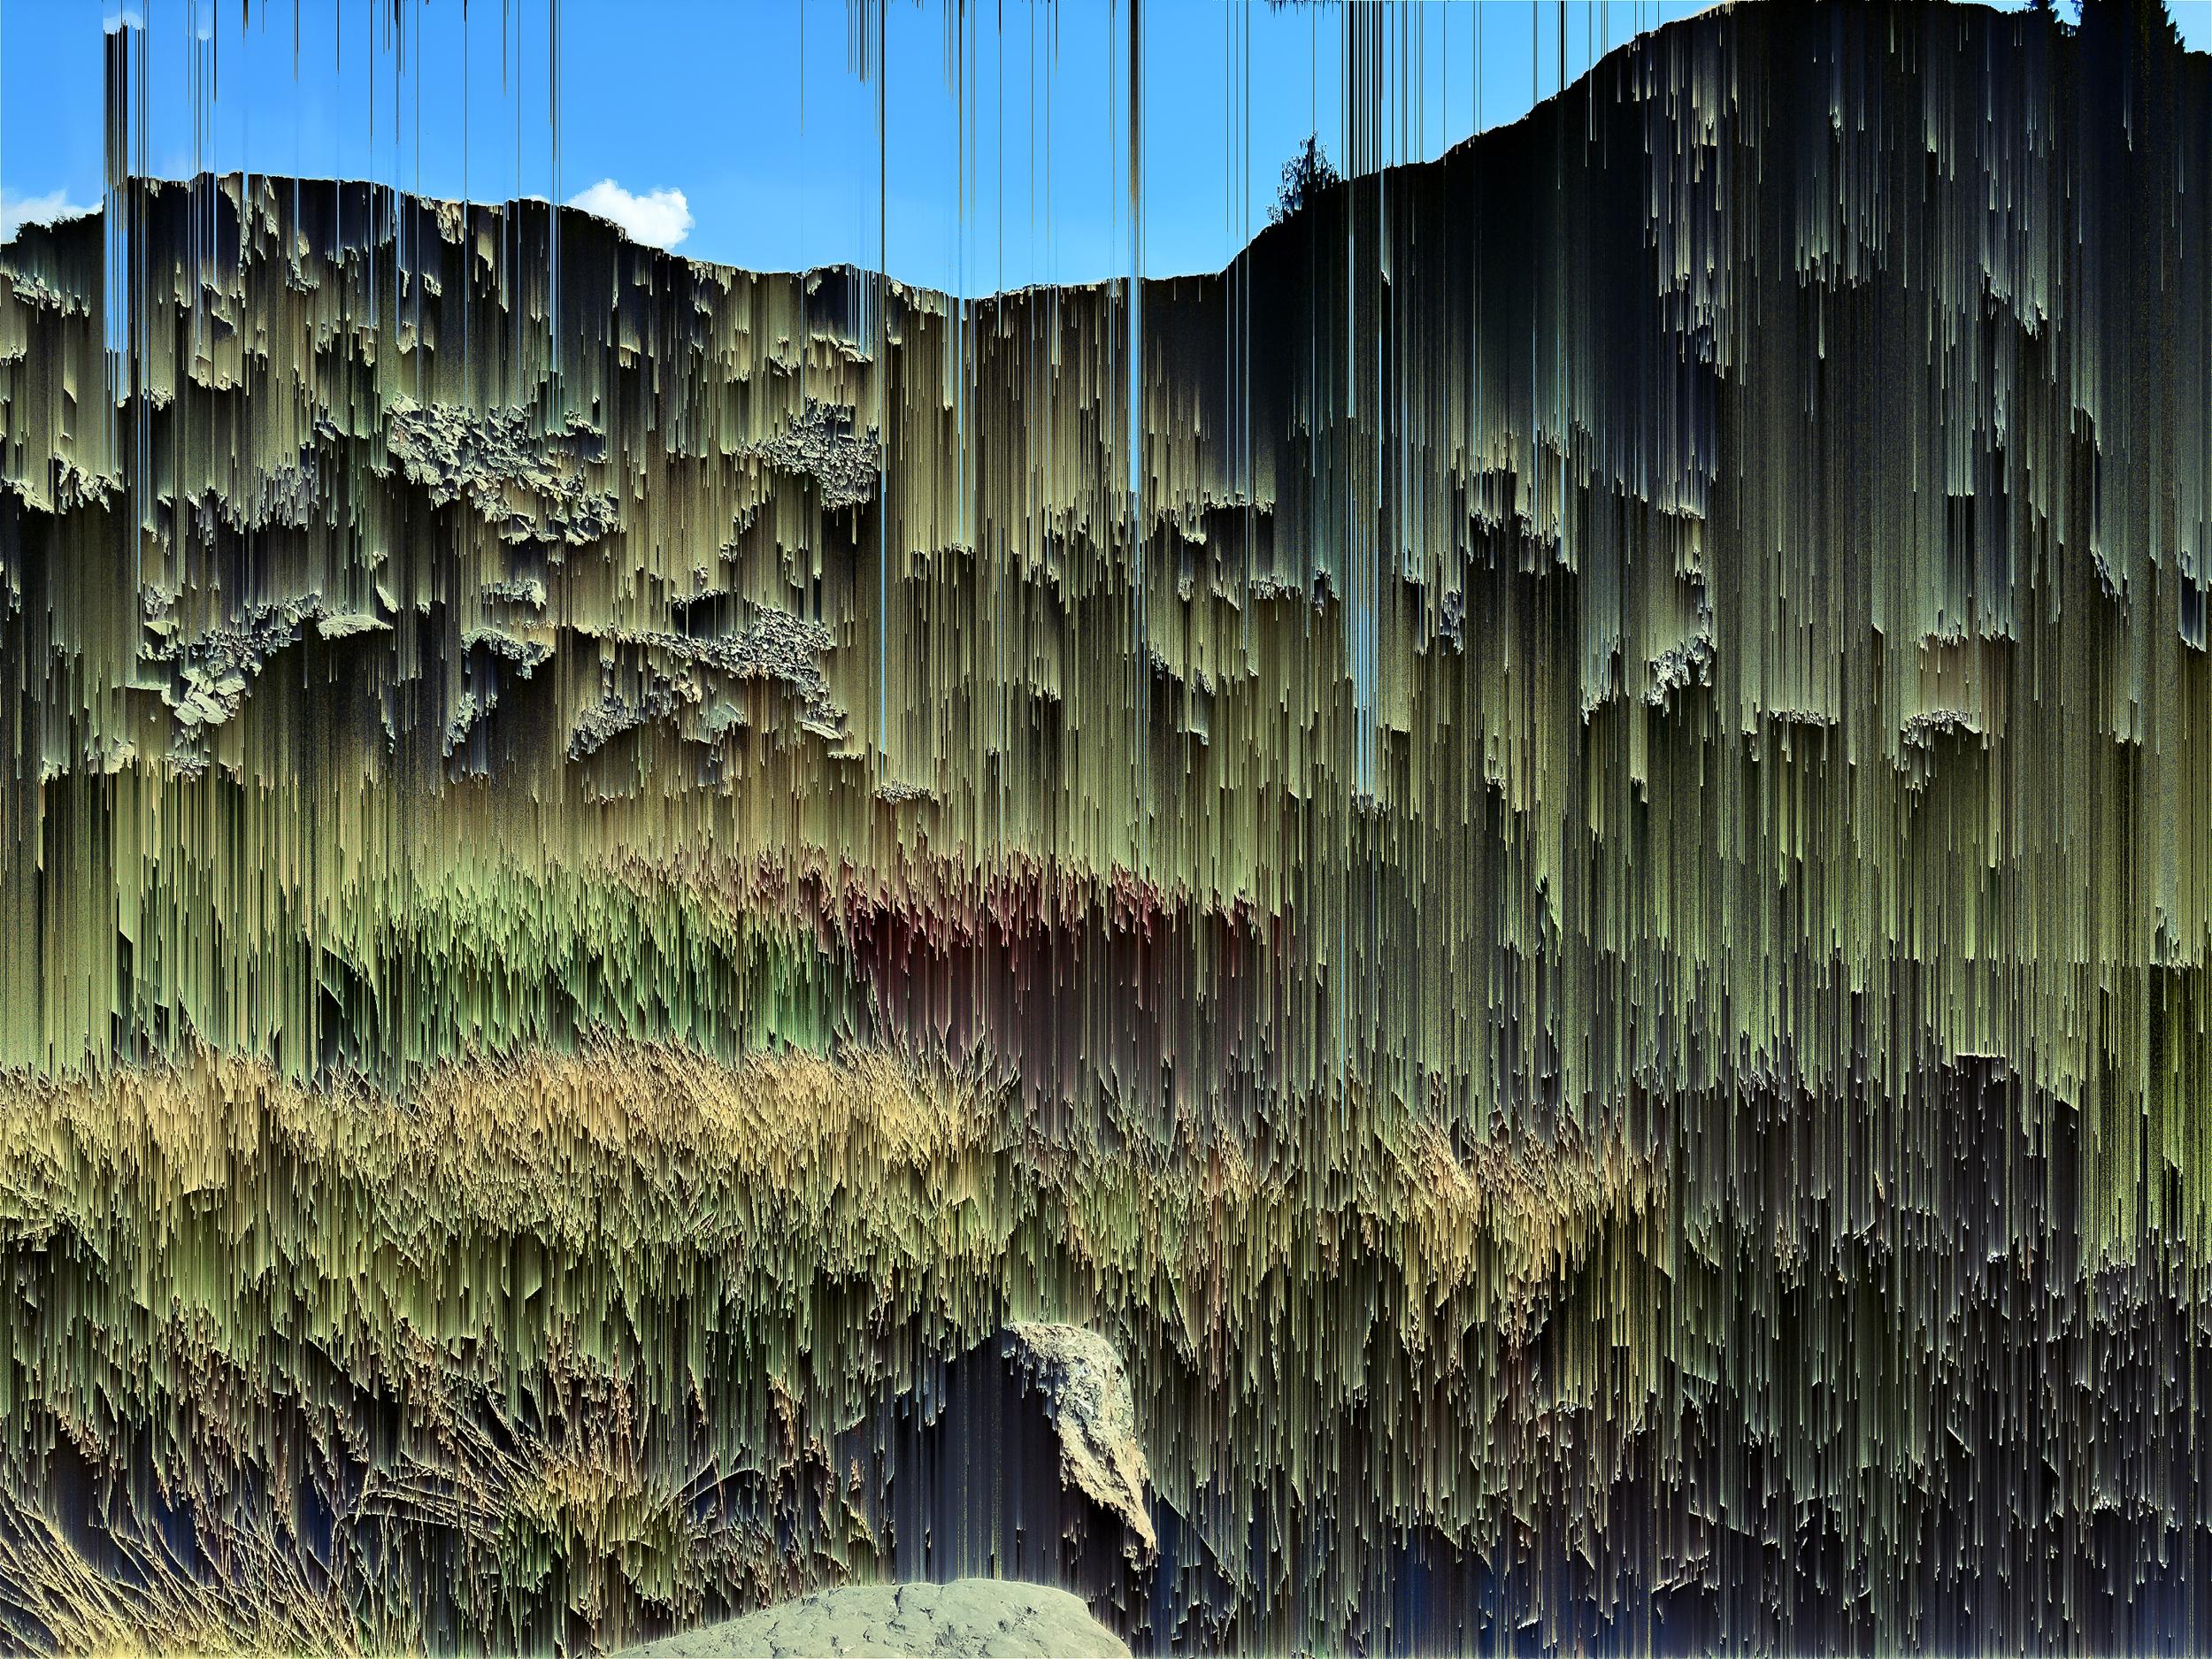 alban_guerry-suire_pixel_sorting-022.jpg